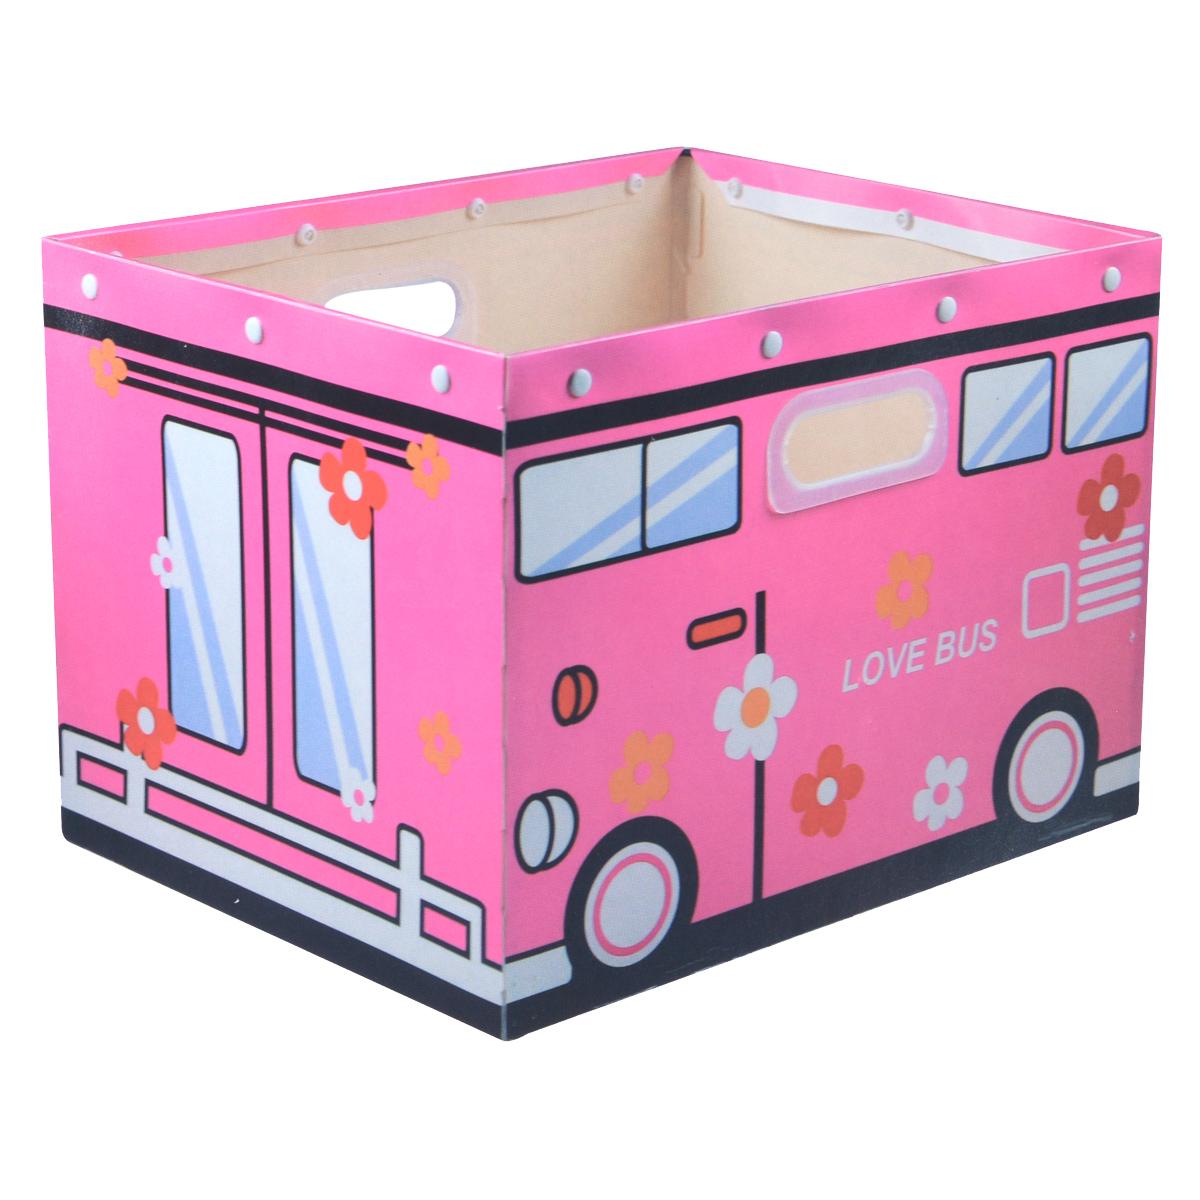 Коробка для хранения House & Holder Love Bus, цвет: розовый, 38 х 30 х 27 см10503Декоративная коробка для хранения House & Holder Love Bus изготовленная в виде замечательного автобуса, станет незаменимым помощником для всех членов семьи, но особенно для детей. Благодаря ее универсальности в ней можно хранить самые разнообразные вещи: от предметов домашнего обихода до детских игрушек и книжек, а плотно прилегающая крышка защитит их от влаги и пыли. Удобные ручки обеспечат комфорт при переноске.Размер коробки: 38 см х 30 см х 27 см.